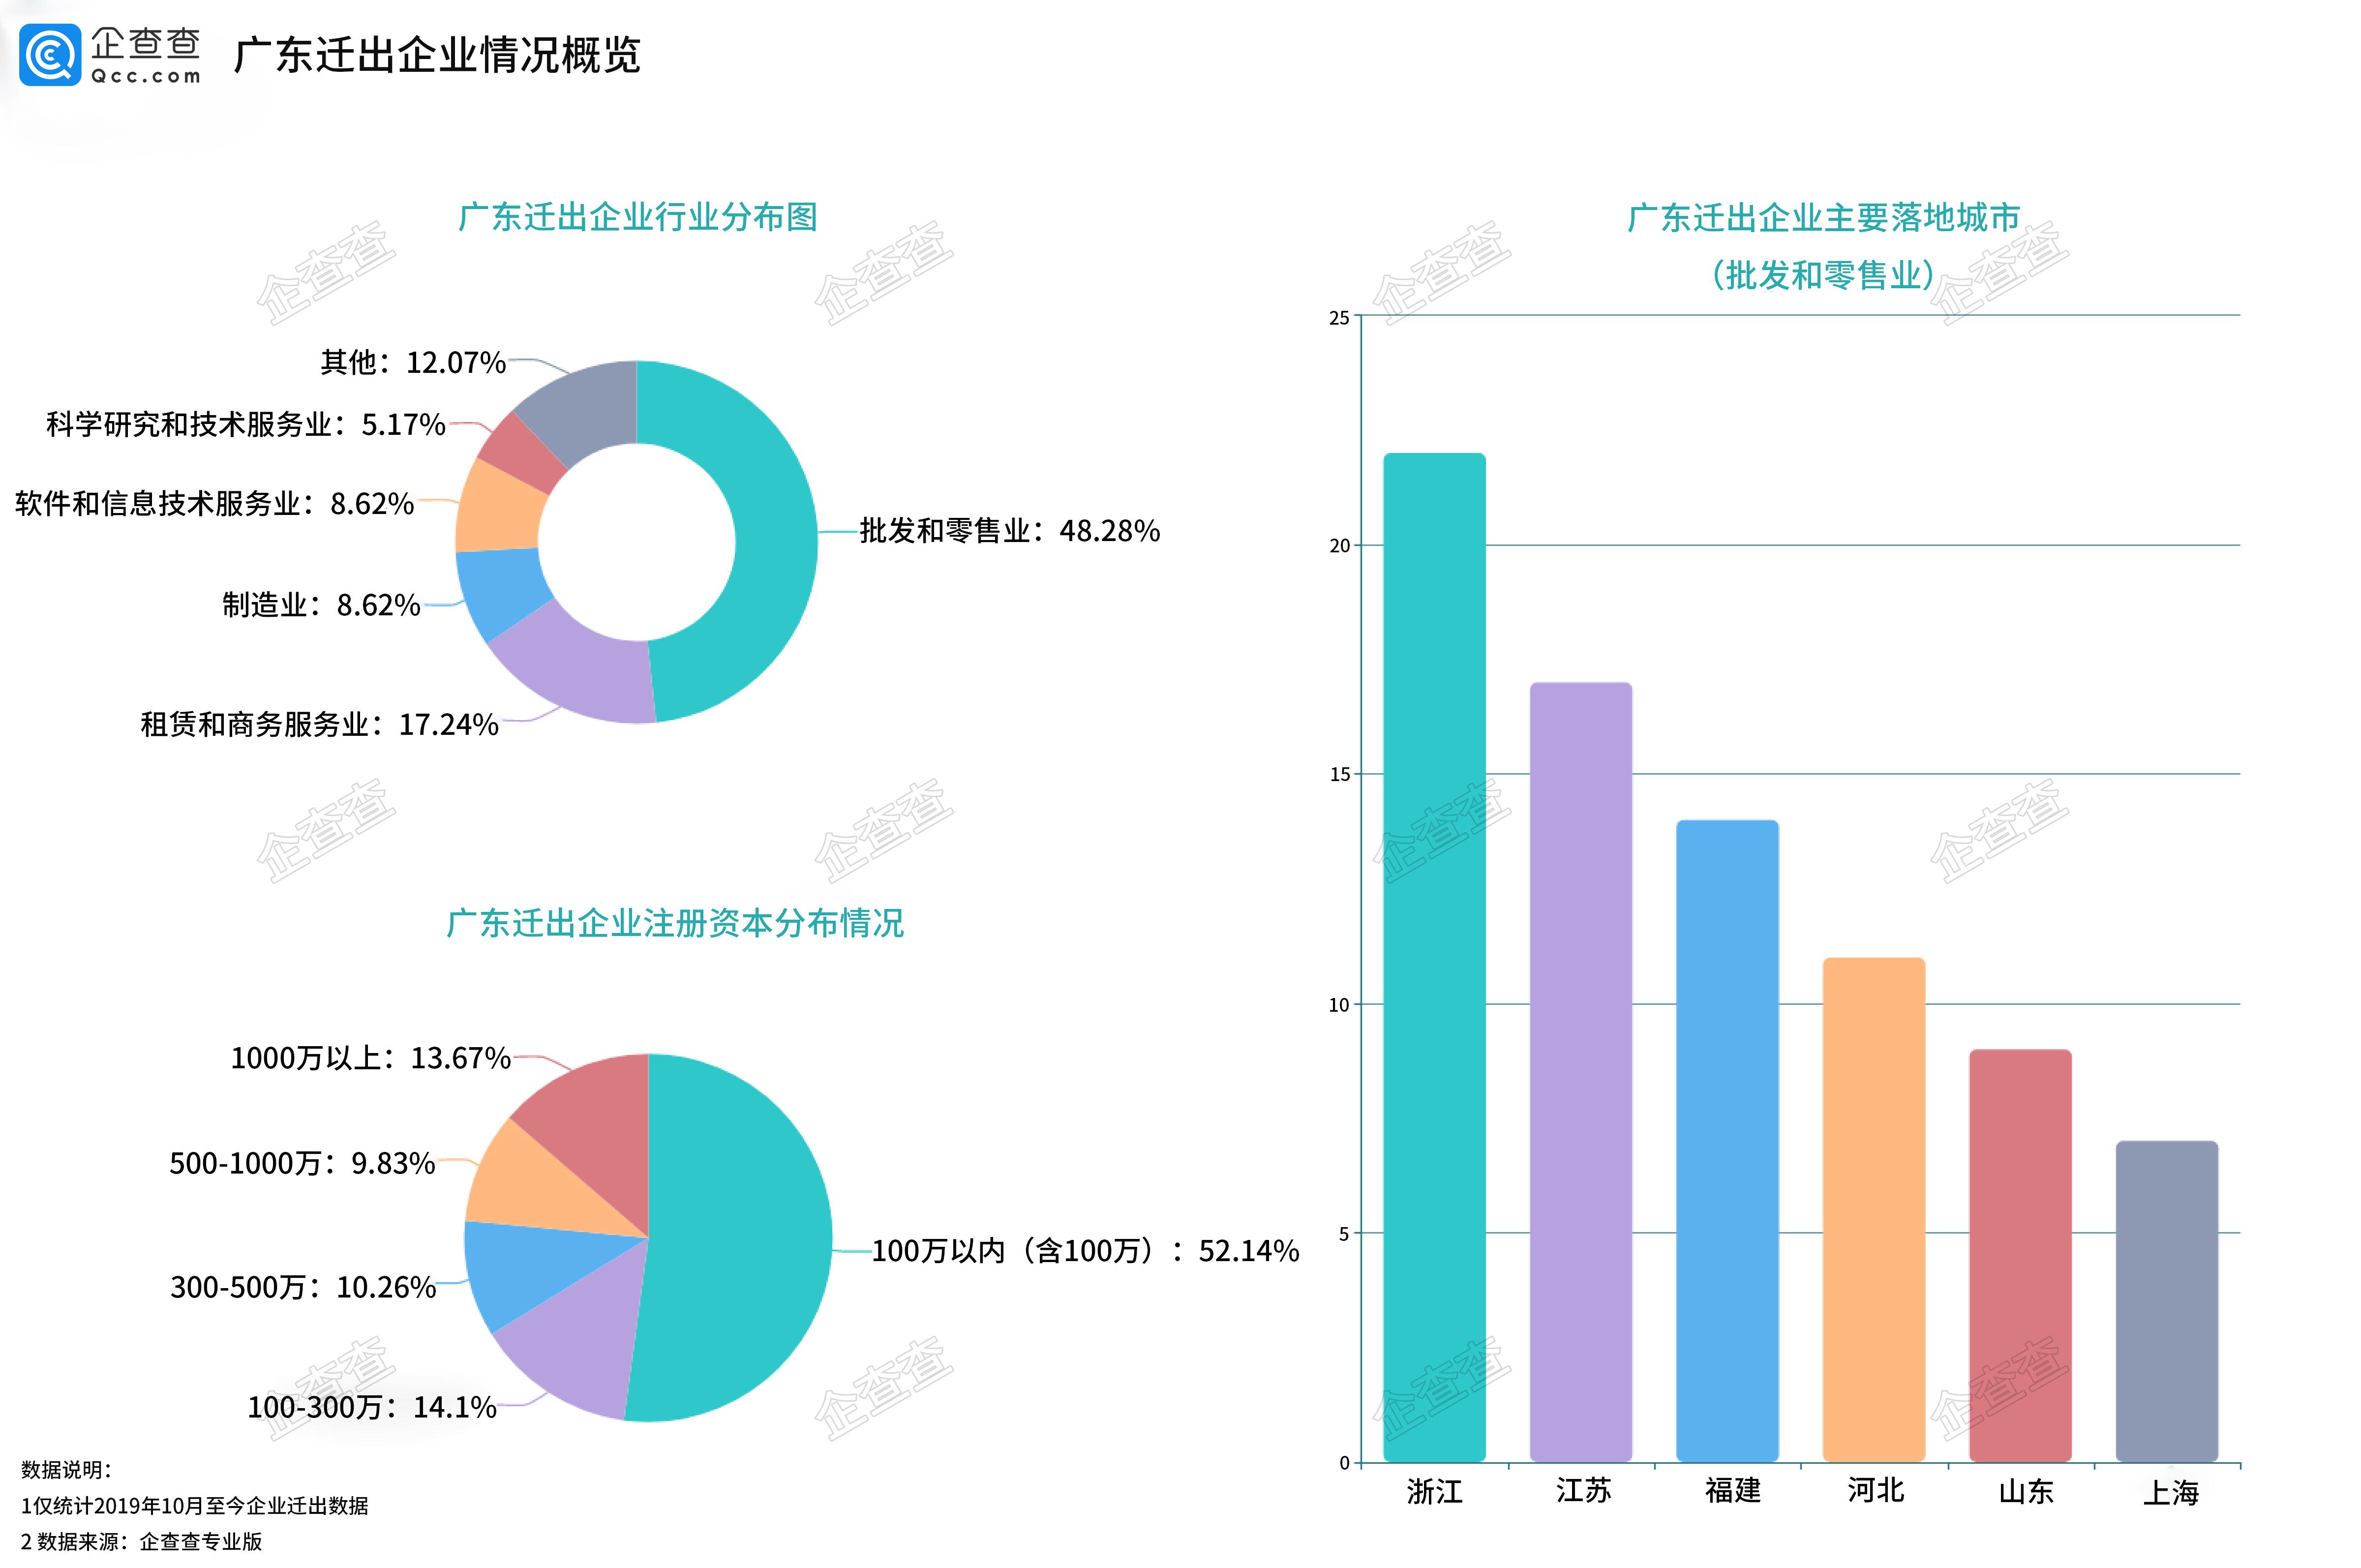 广东迁出企业情况概览.jpg